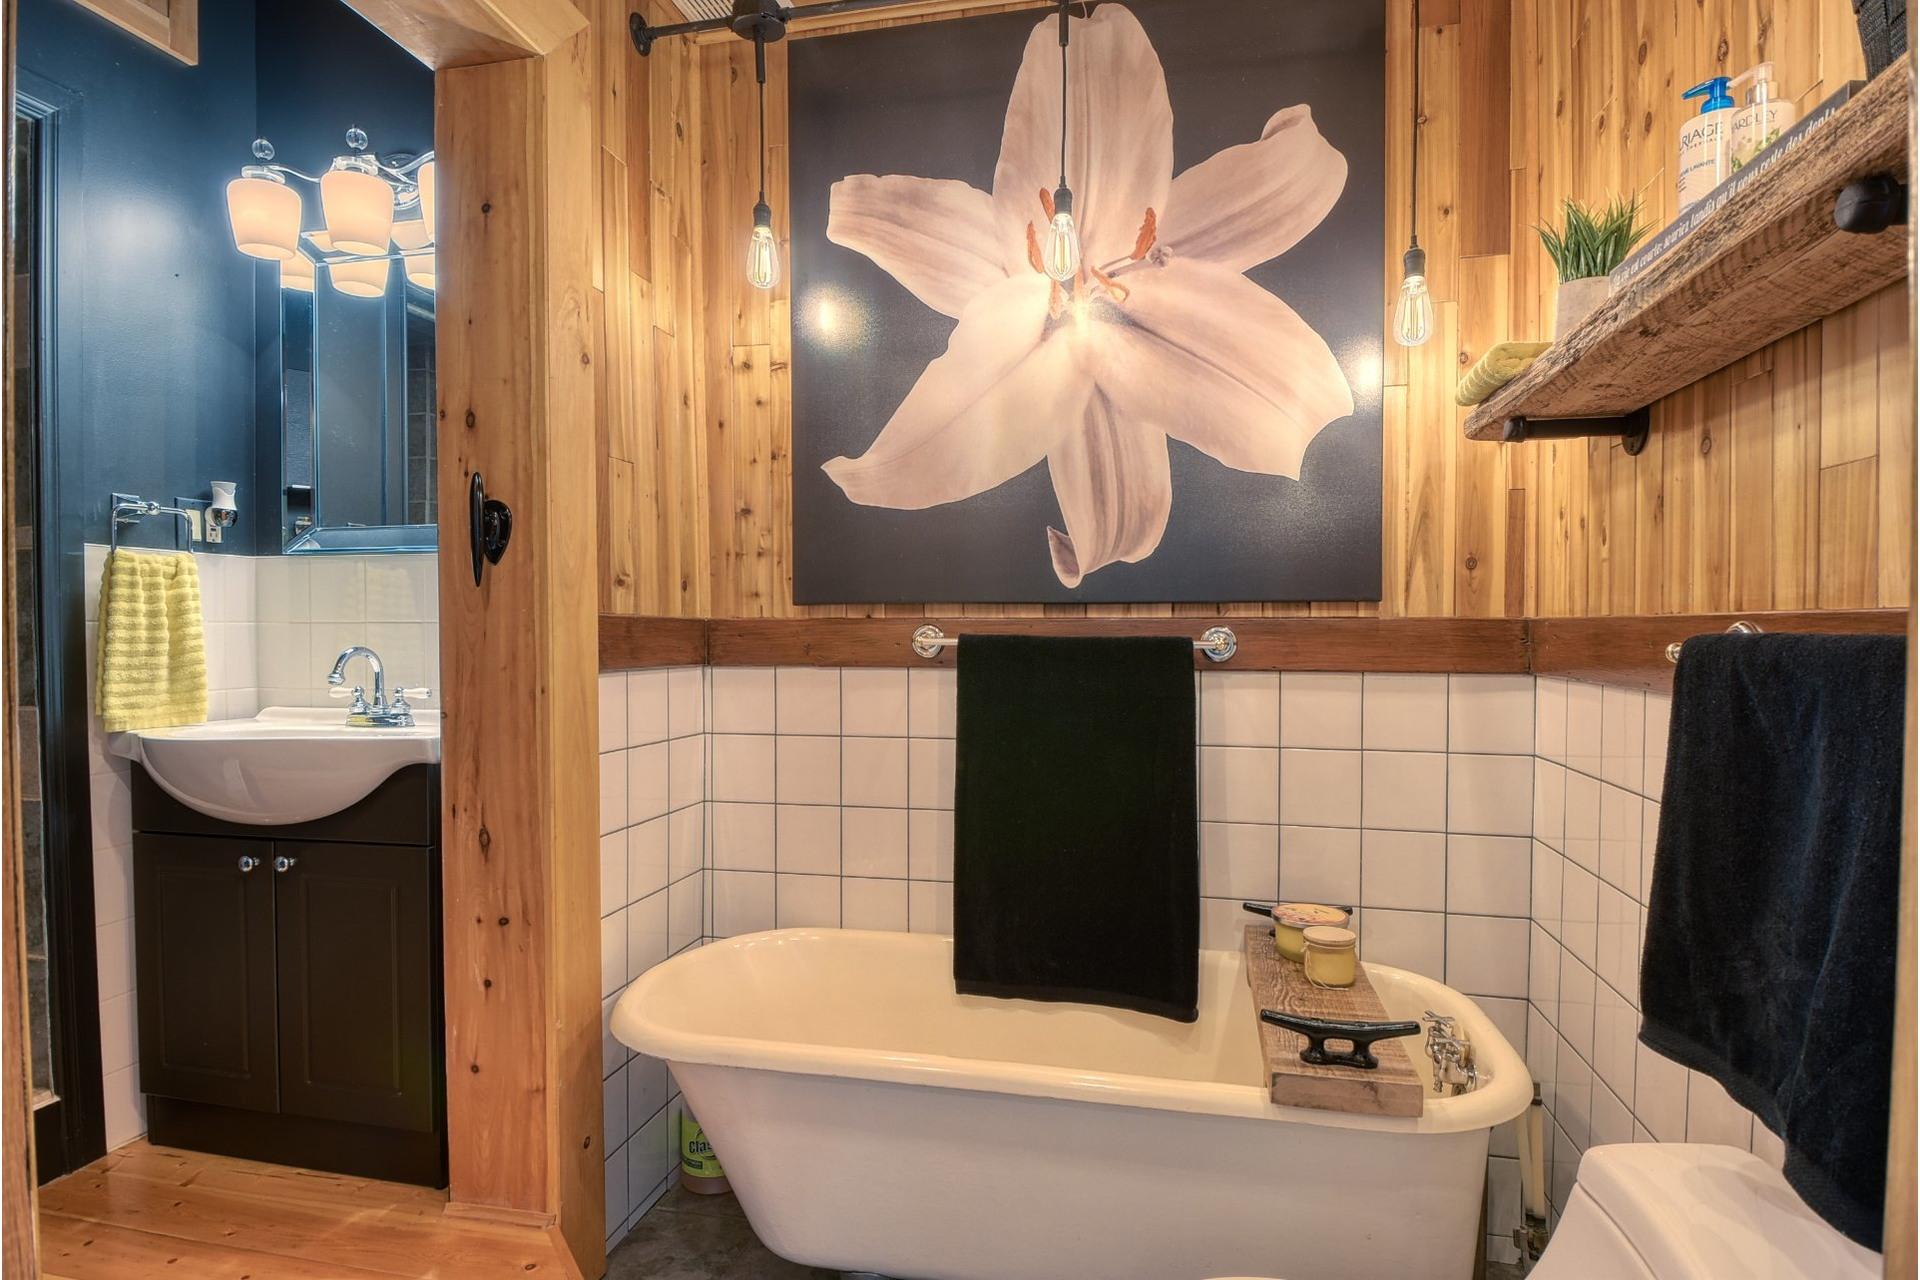 image 11 - Duplex For sale Lachine Montréal  - 5 rooms